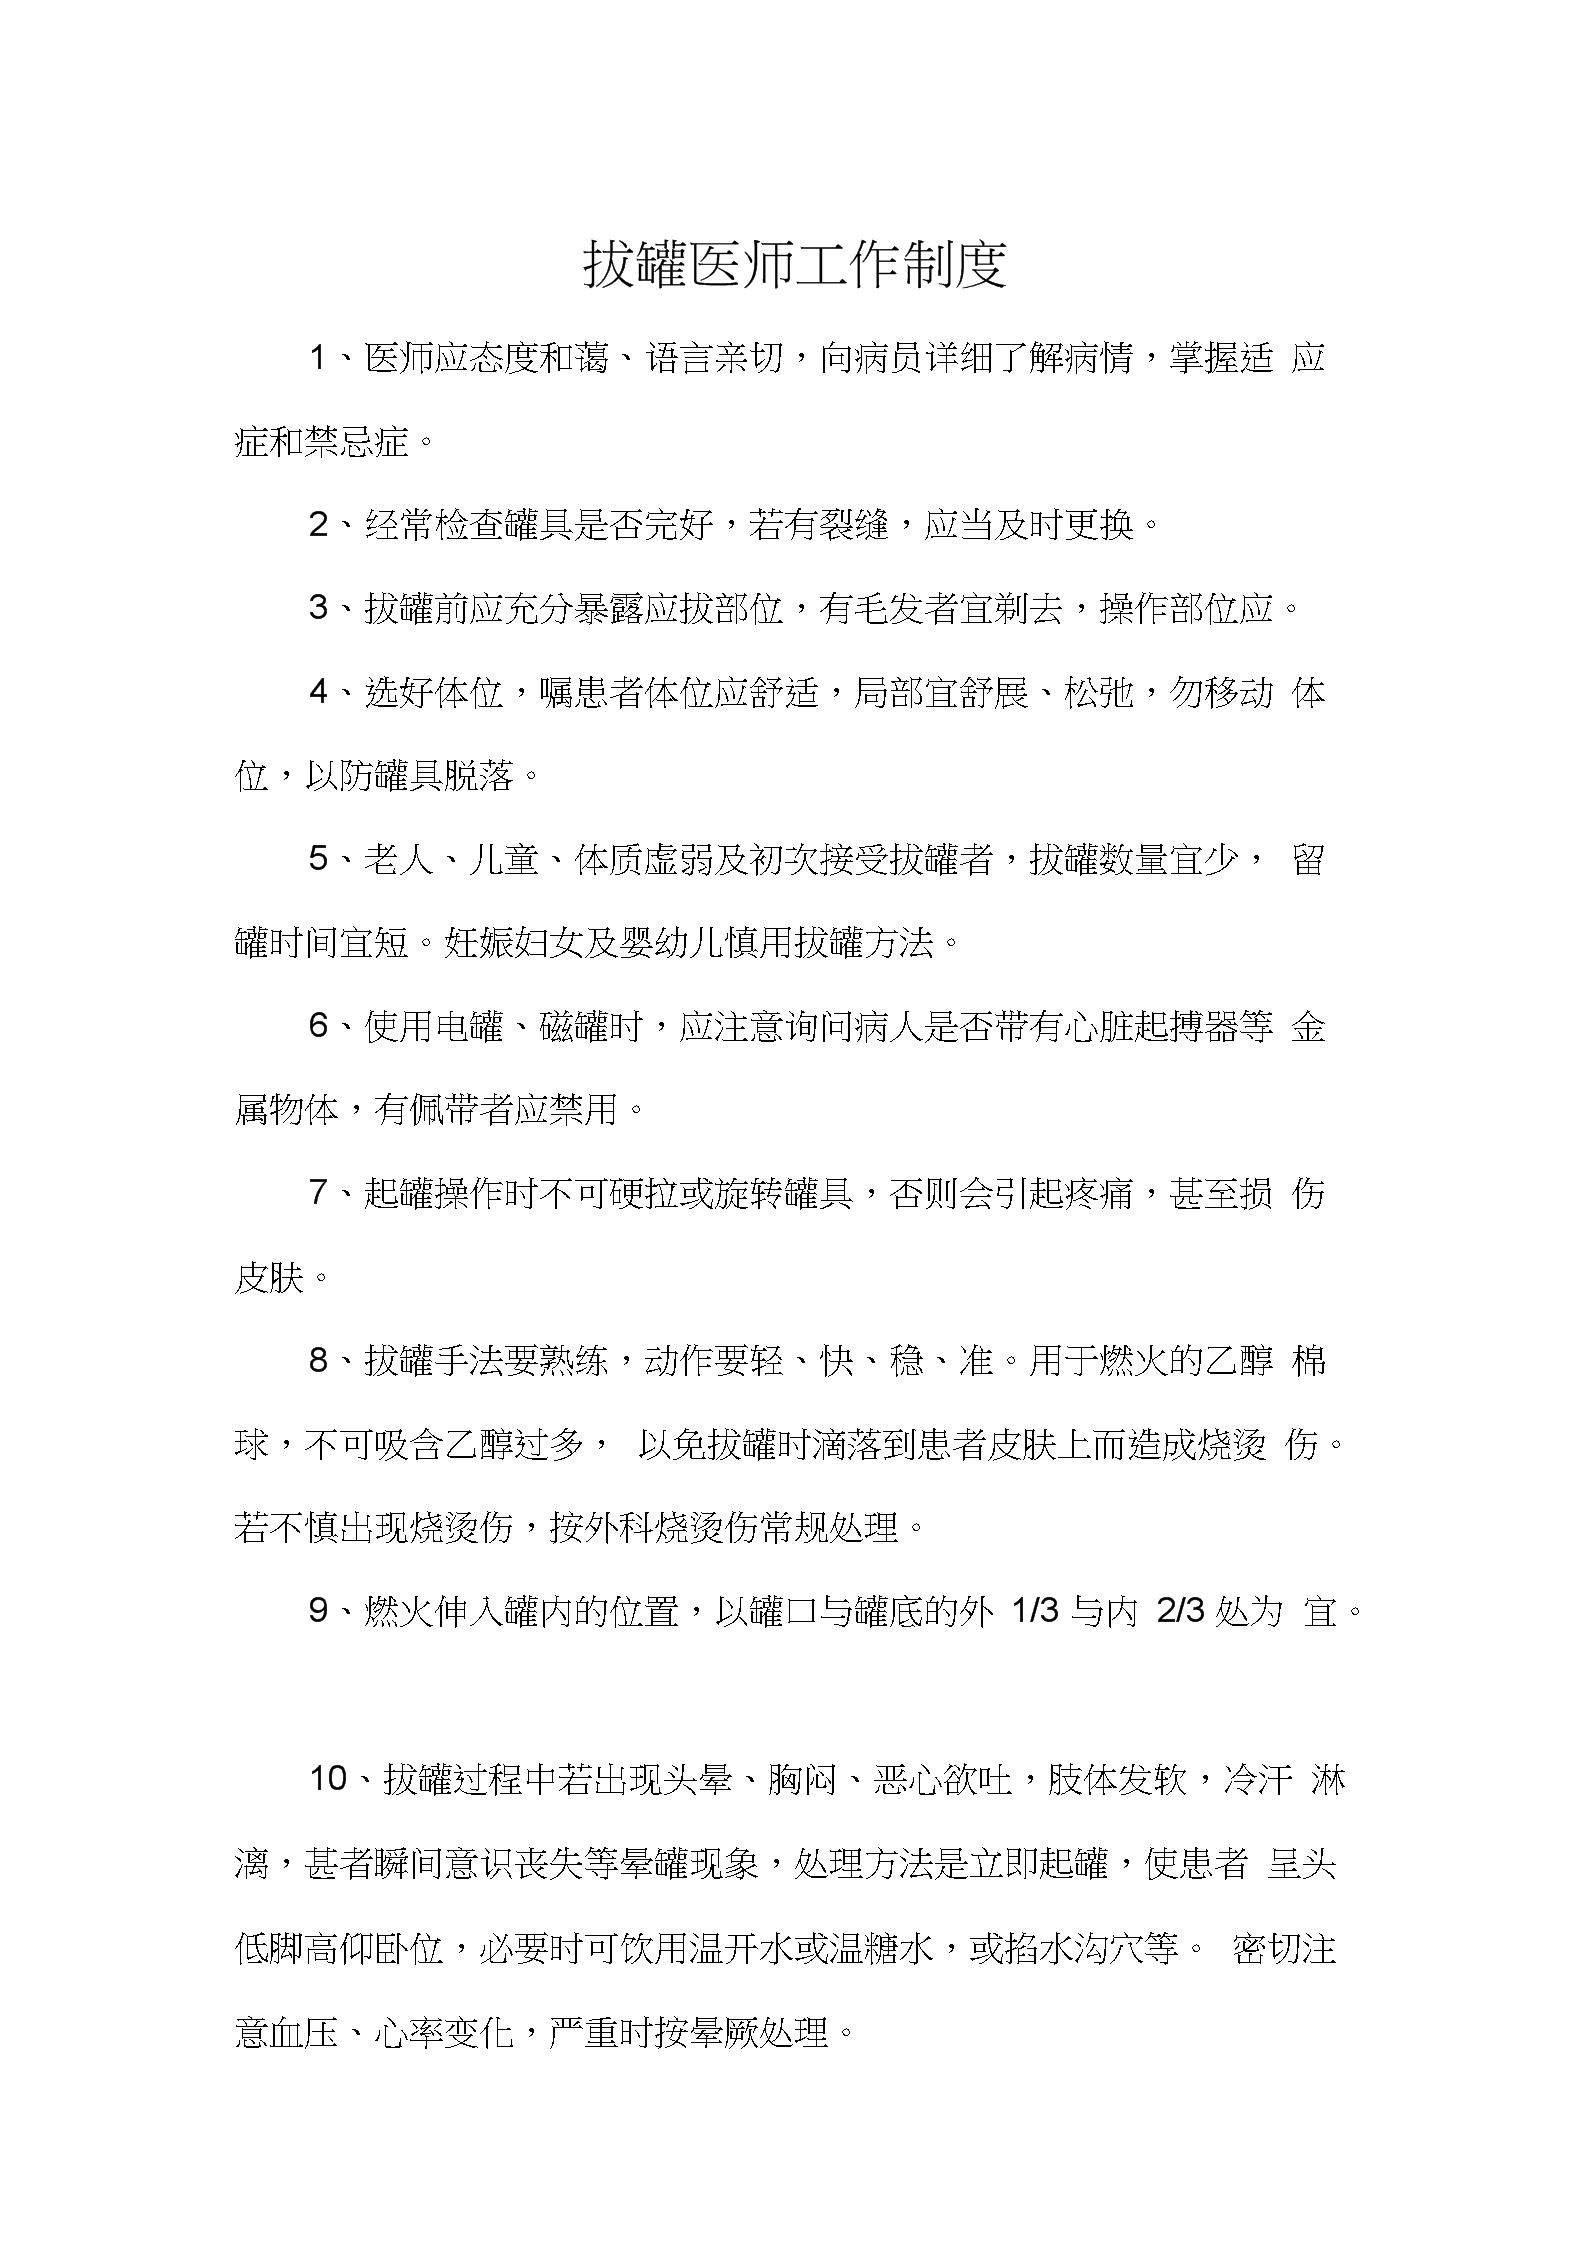 拔罐医师工作制度.docx